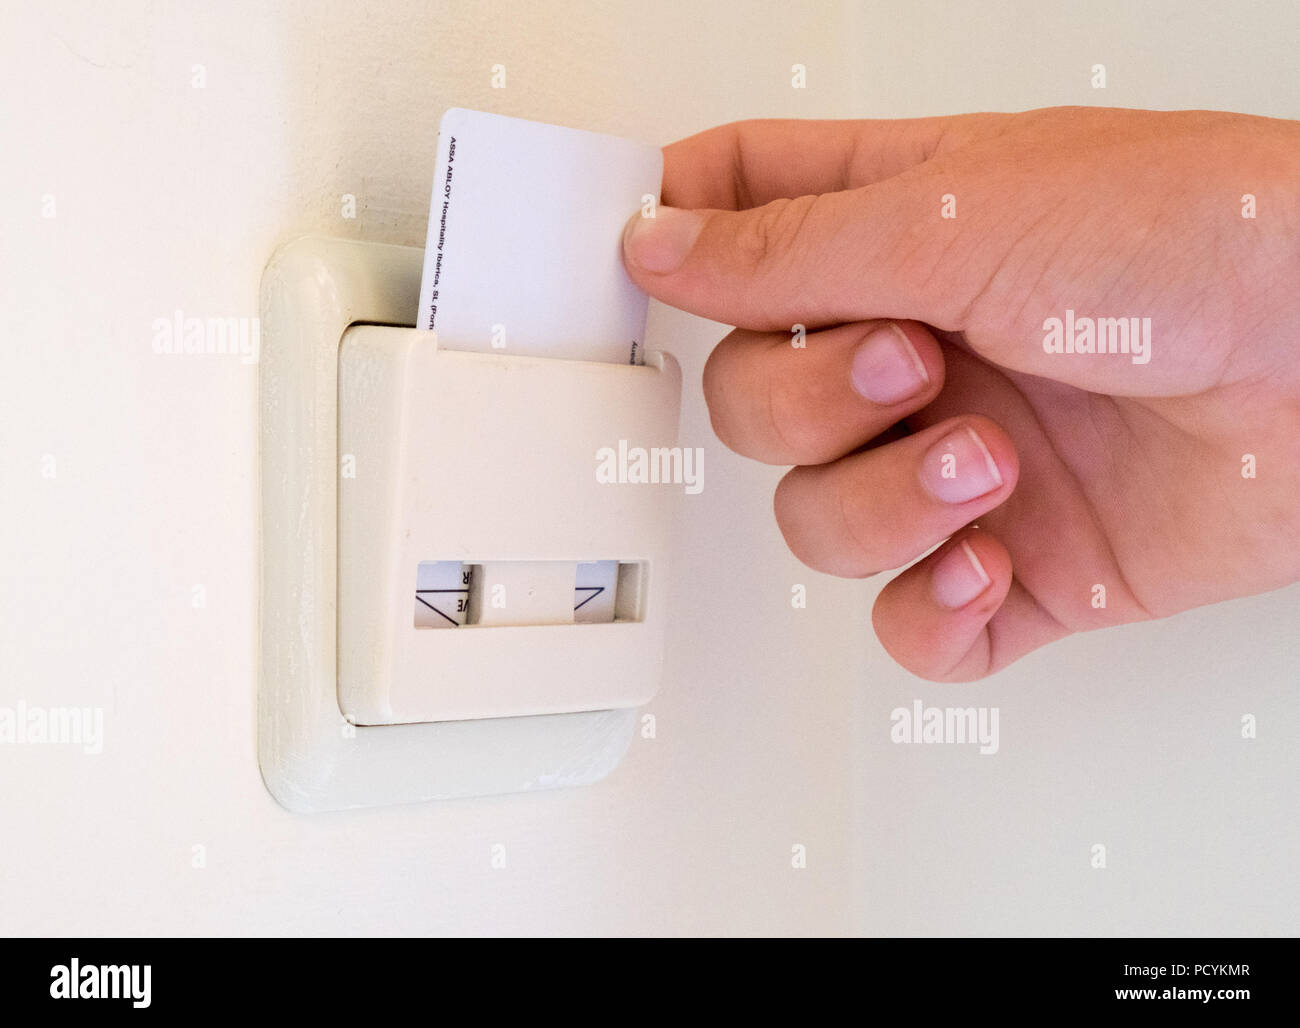 Hôtel key card placés dans une pièce à l'aide de l'interrupteur power Photo Stock